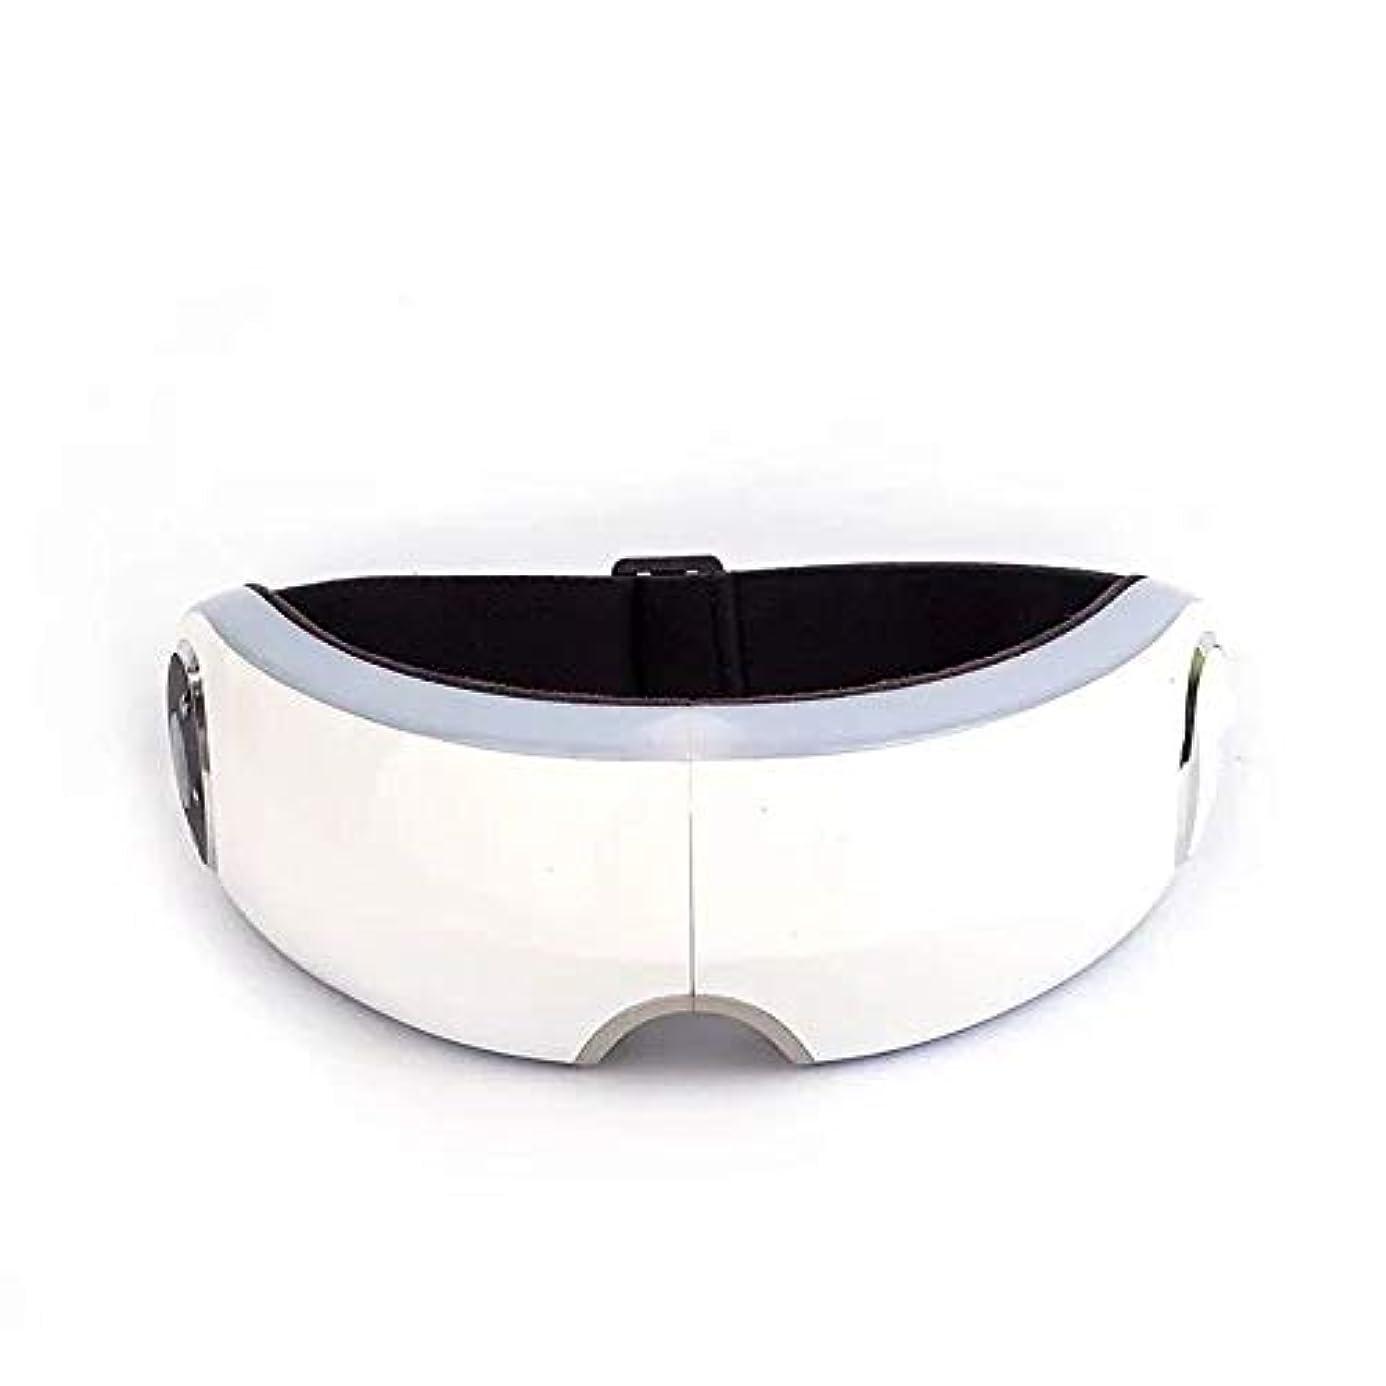 ホップ面密輸Vc 女性のファッションアイマッサージャー充電式アイプロテクタービジョントレーナー高品質アイプロテクタースマートマッサージャー 品質保証